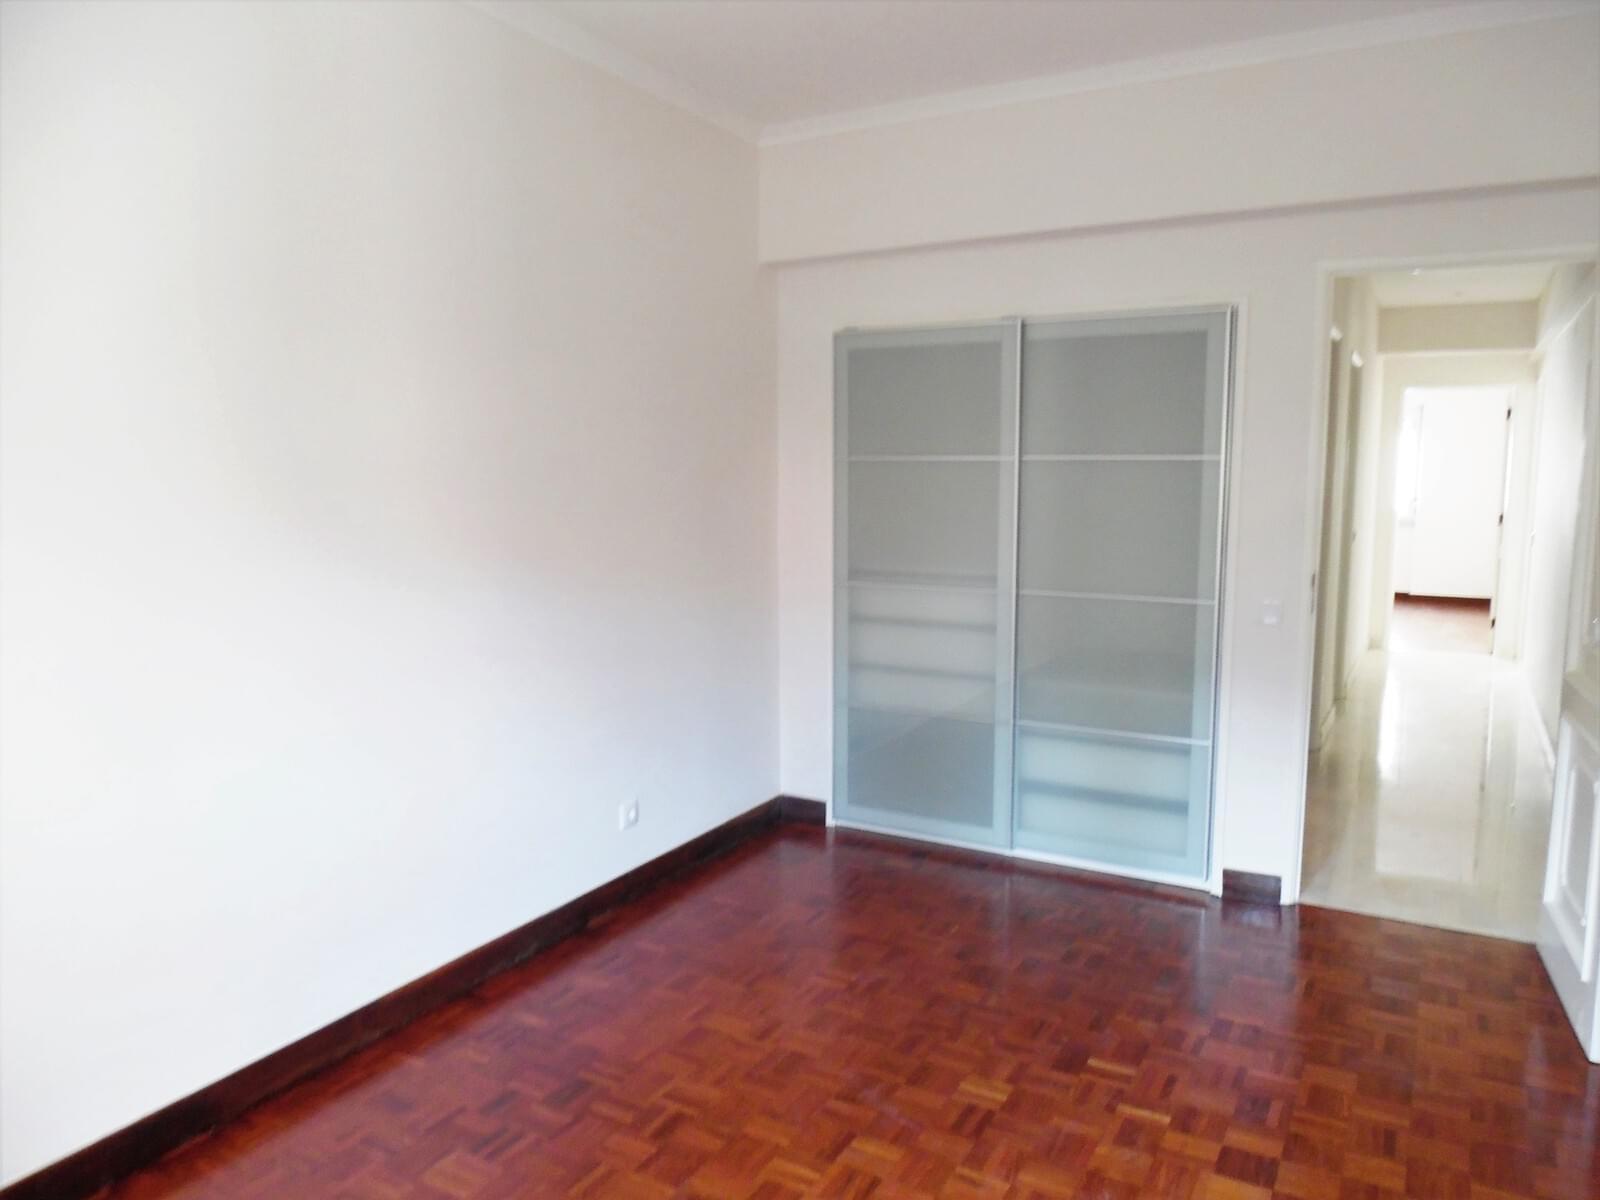 pf17621-apartamento-t4-lisboa-13a89248-aa6d-4013-9b14-13a900b83ee9